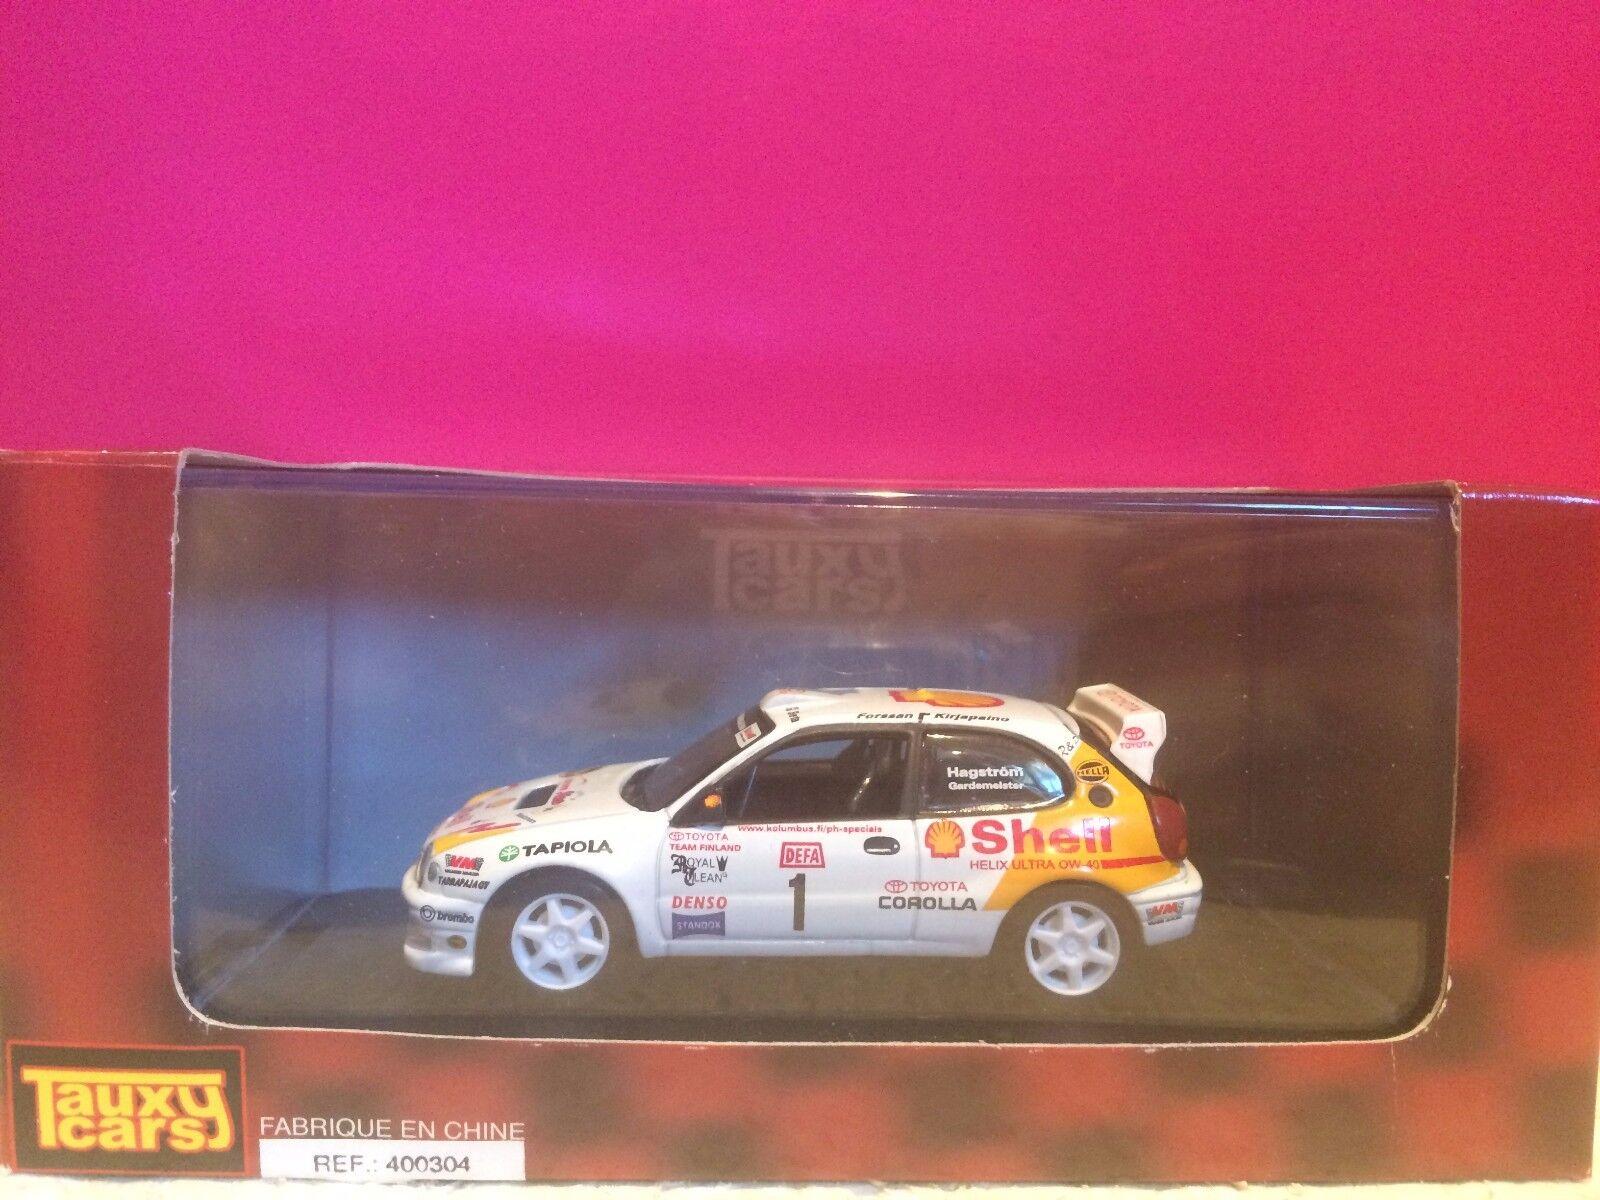 TAUXY CARS TOYOTA CgoldLLA WRC 98 NEUF EN BOITE 1 43 H7